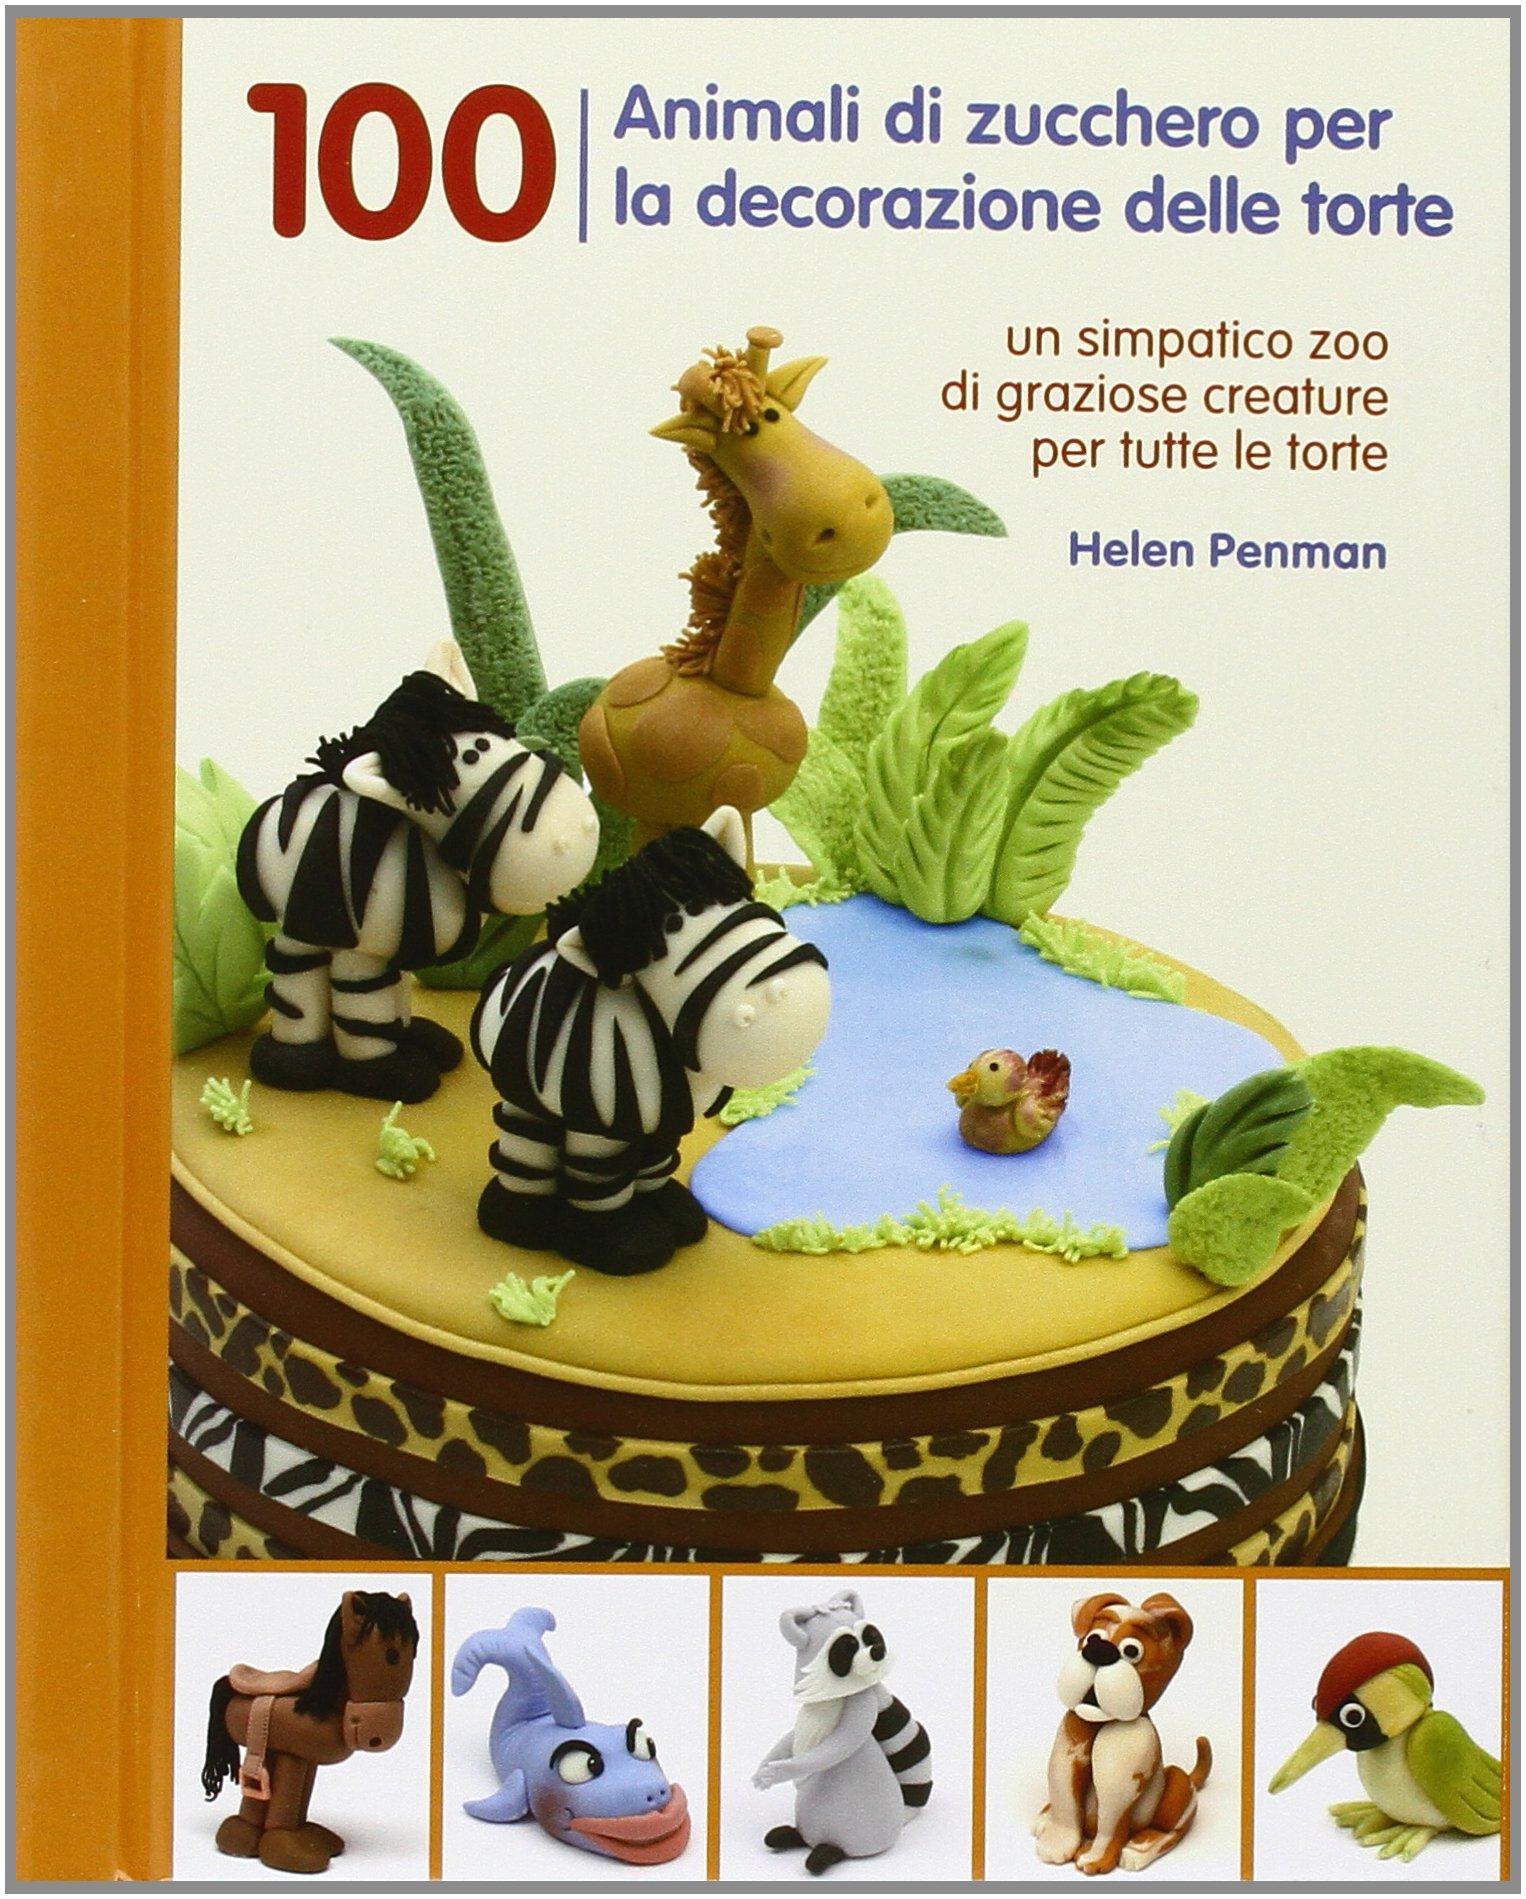 100 animali di zucchero per la decorazione delle torte Copertina rigida – 17 feb 2014 Helen Penman Il Castello 8865204273 dolci da forno